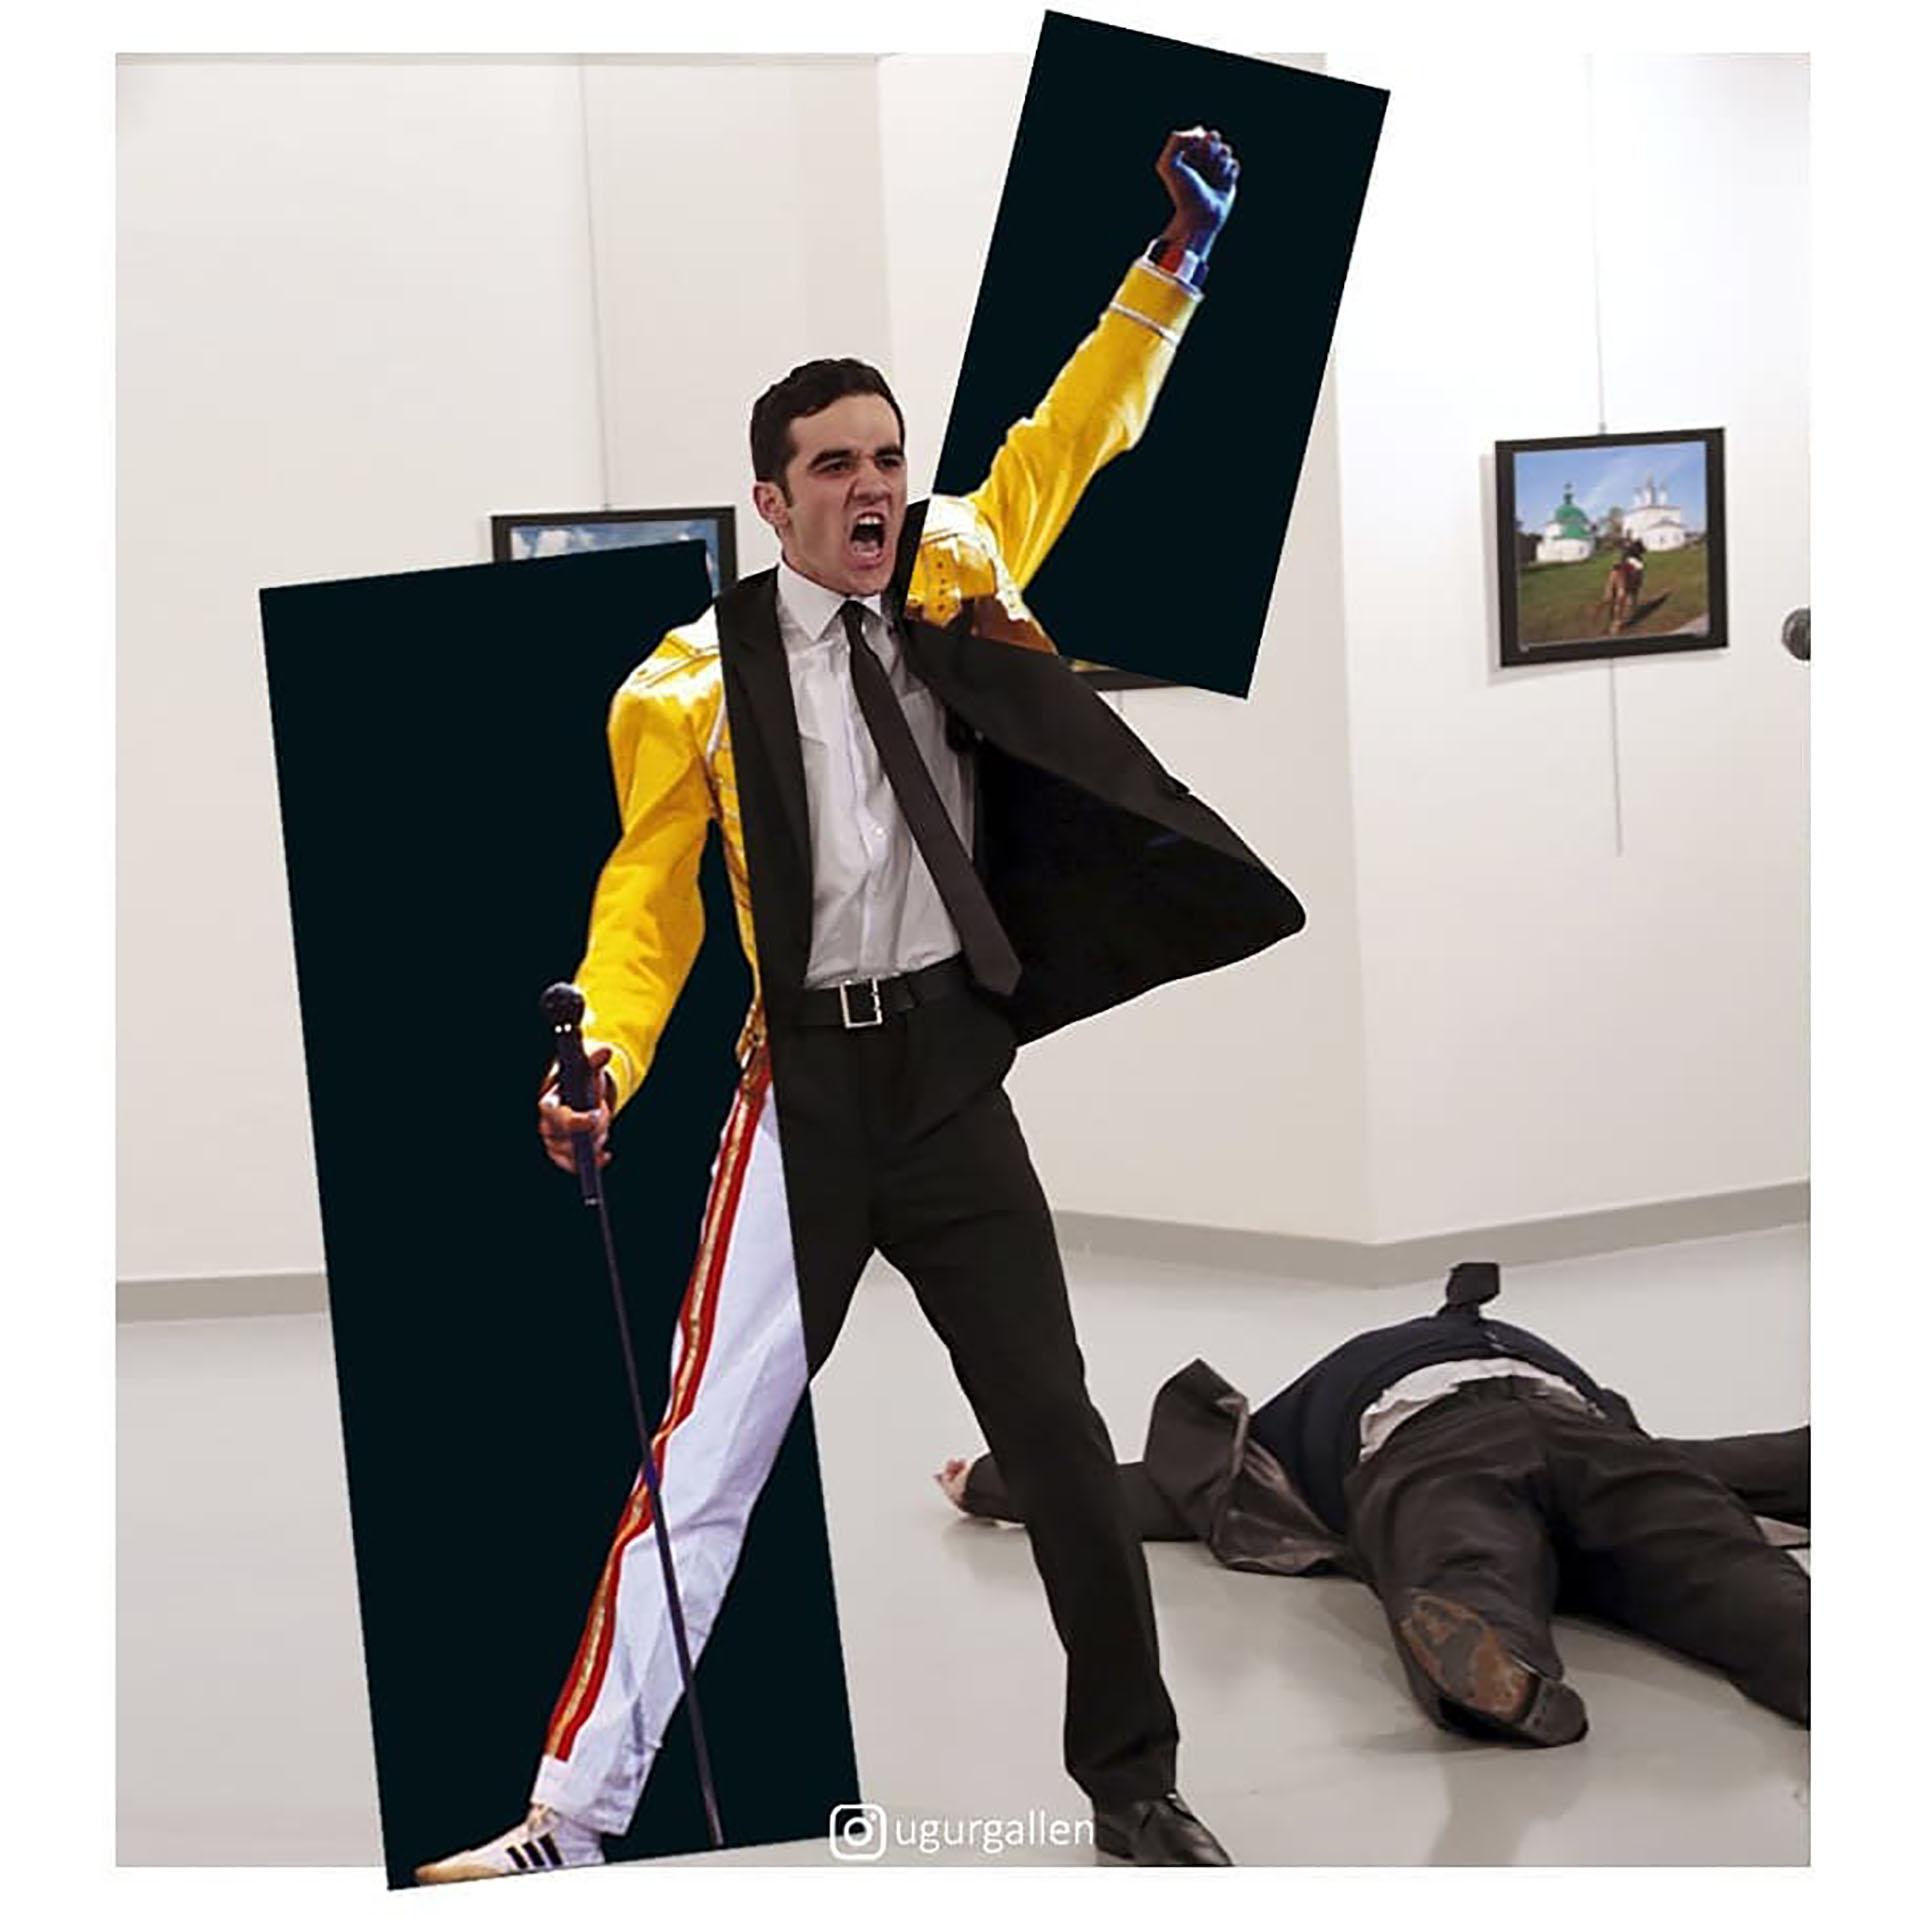 Una pierna de Freddie Mercury sobre la imagen del asesino del embajador ruso en Turquía, Andrey Karlov